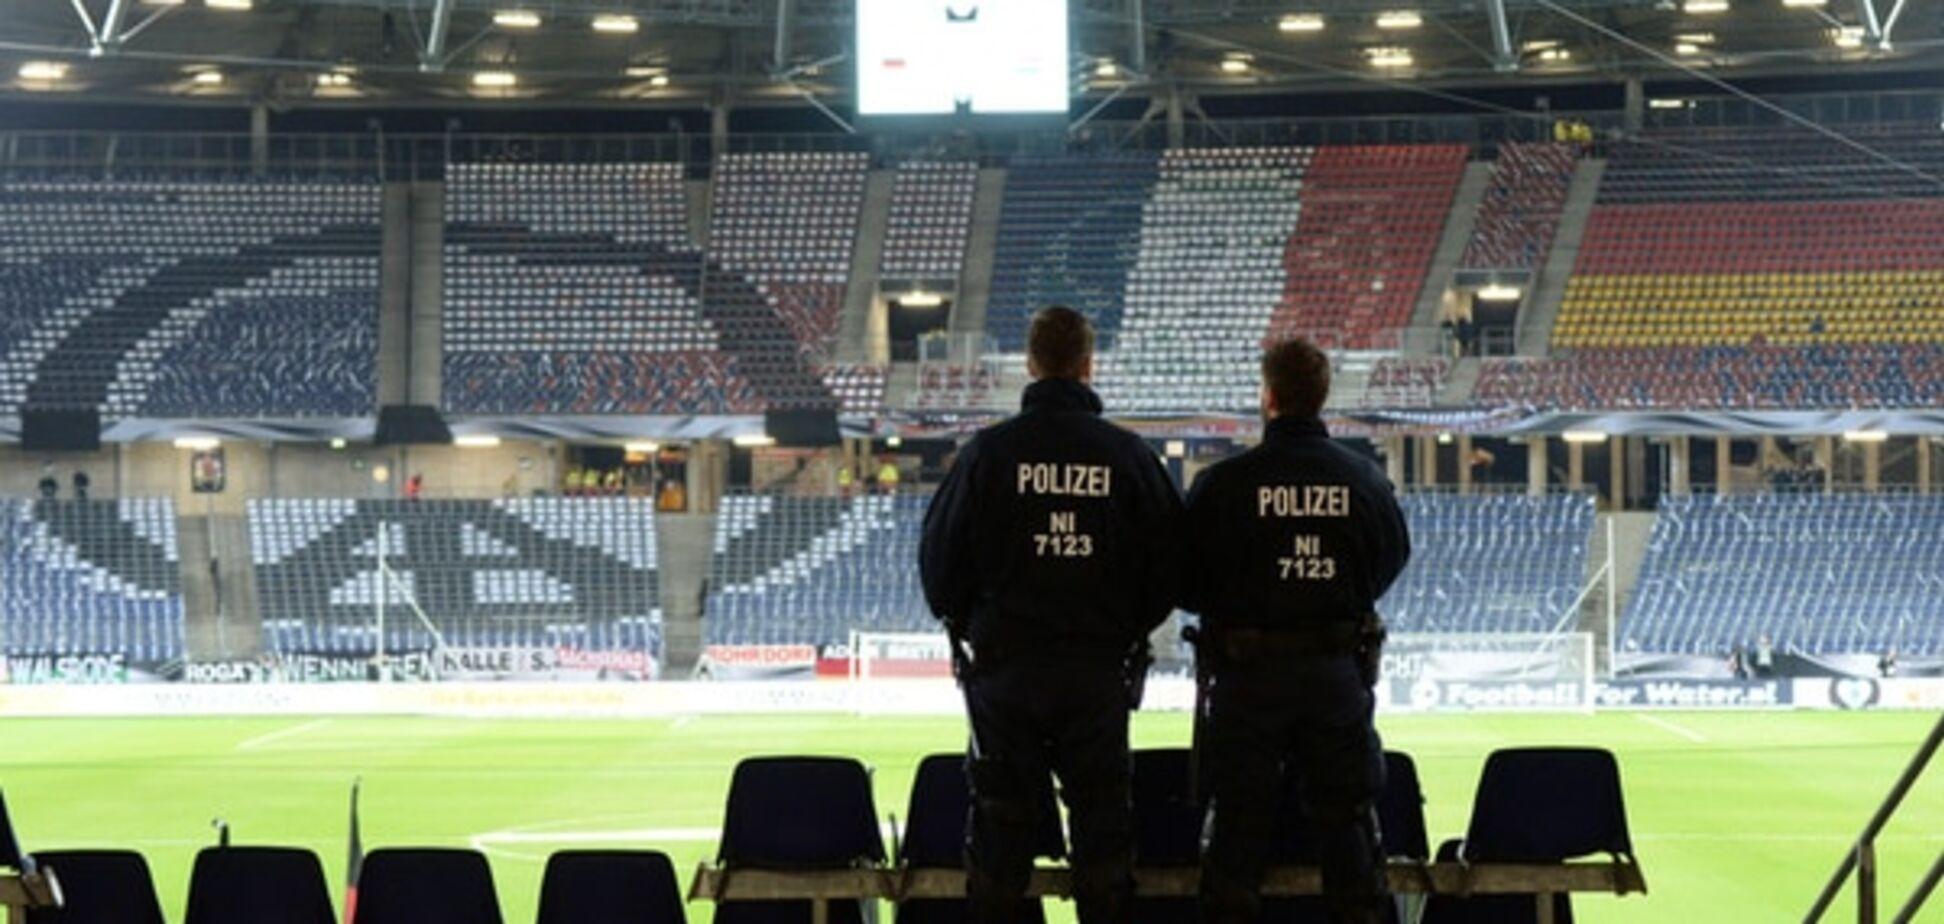 Стадіон в Німеччині евакуювали через знайдену бомбу